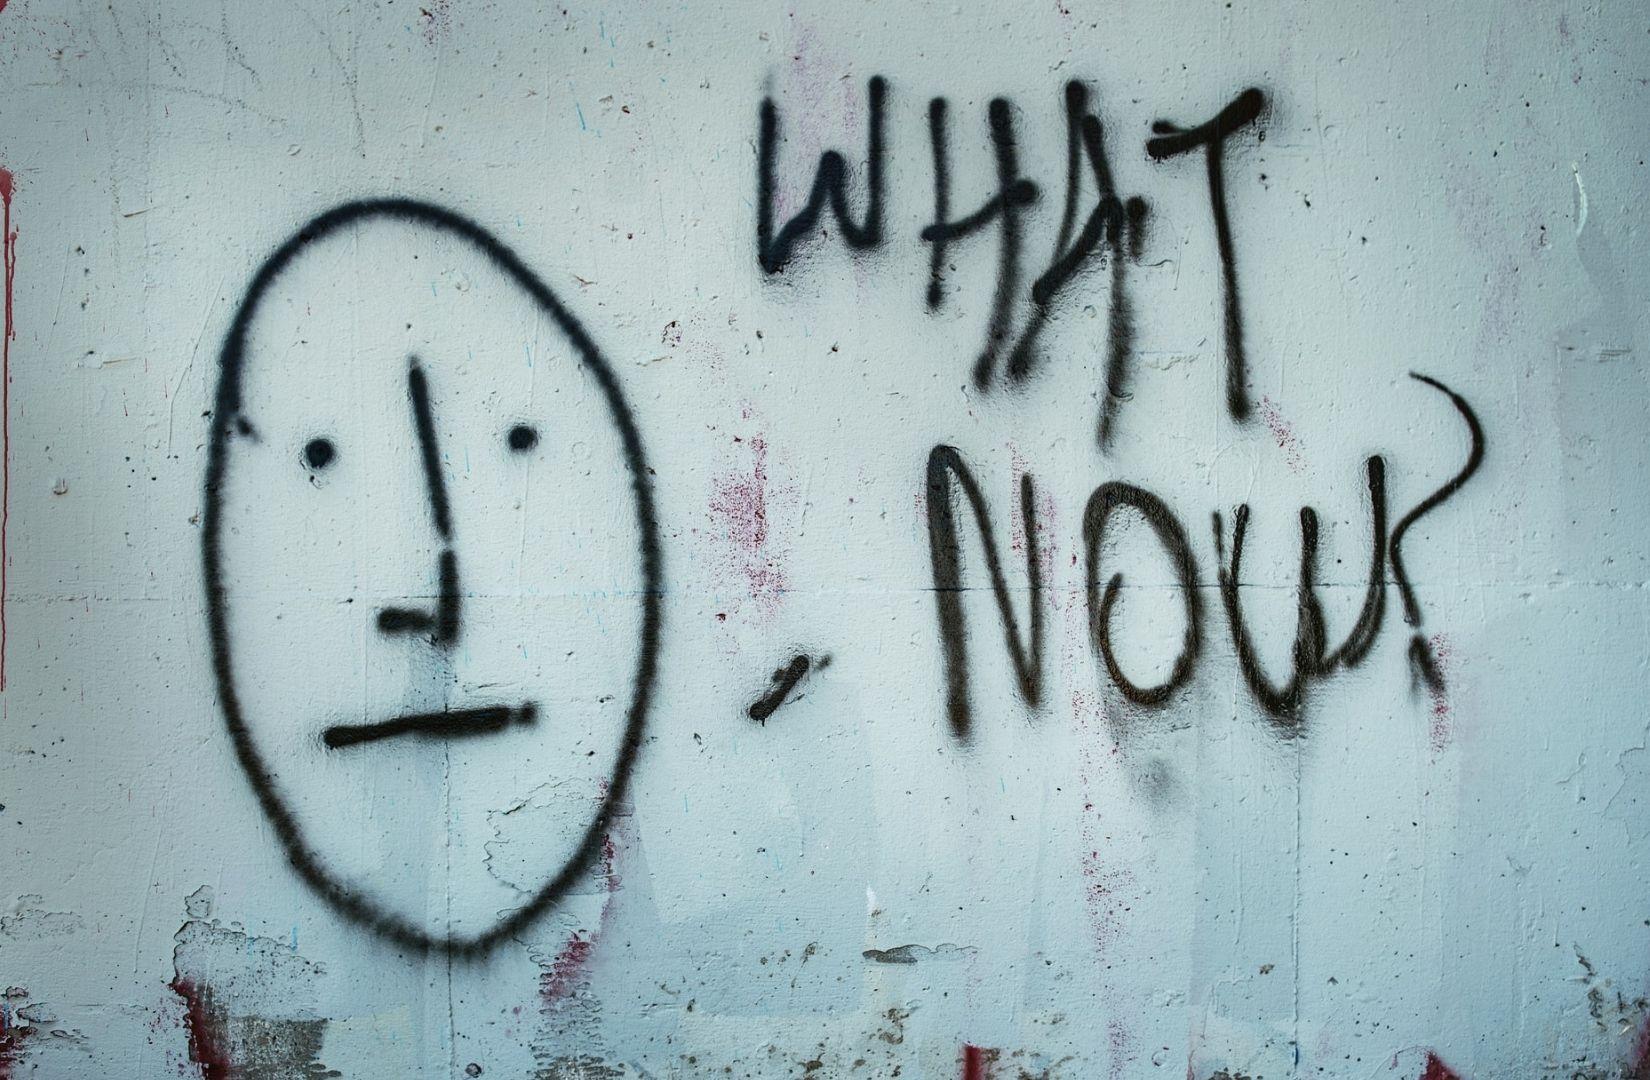 Nach President-elect heißt es weiter what now. (Foto: Tim Mossholder, Unsplash.com)